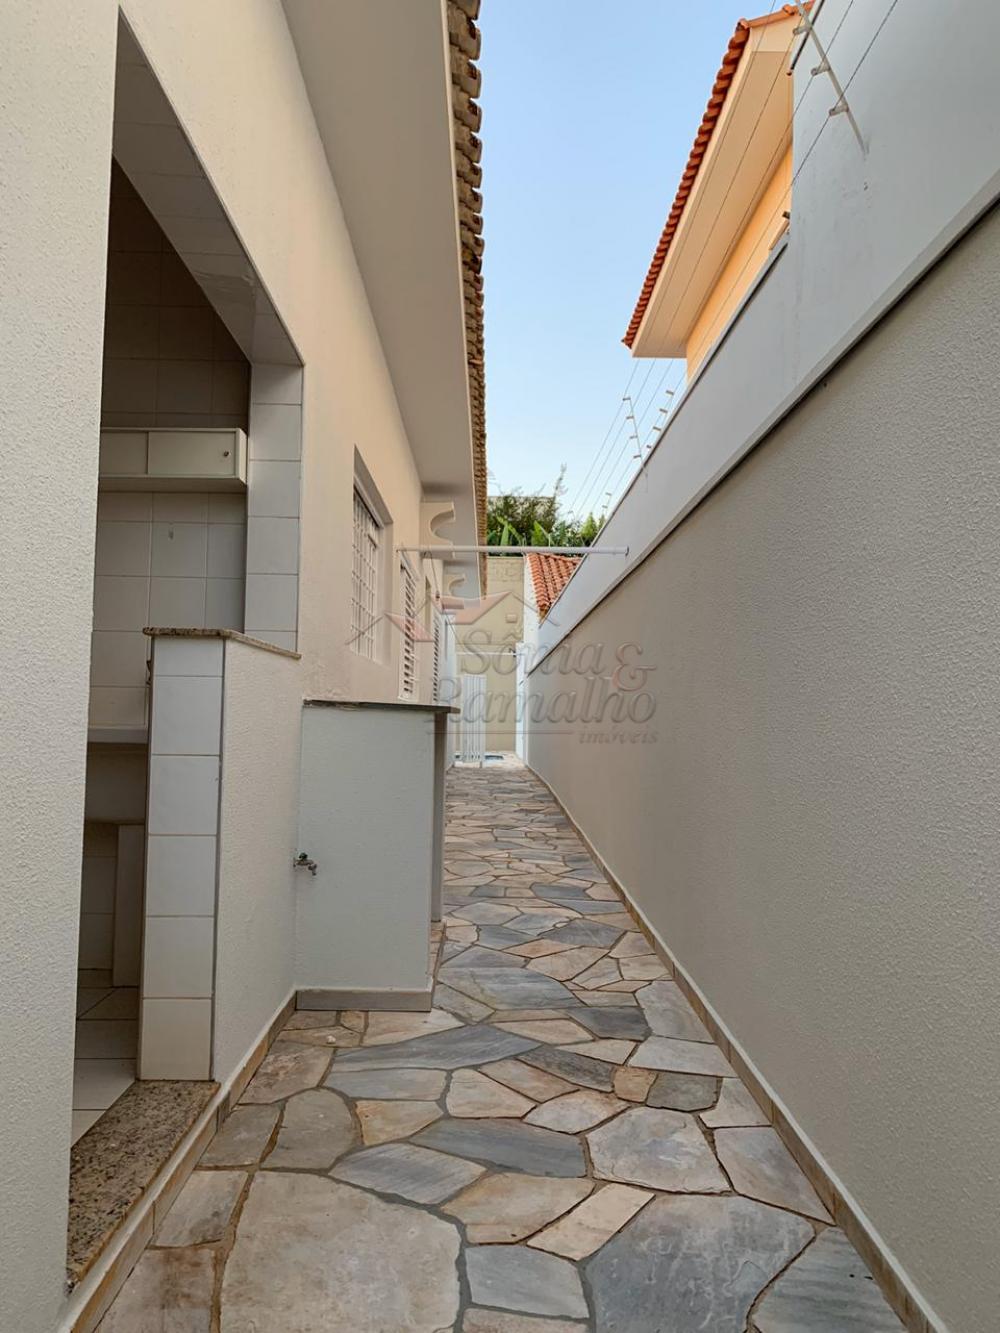 Alugar Casas / Padrão em Ribeirão Preto apenas R$ 3.600,00 - Foto 24